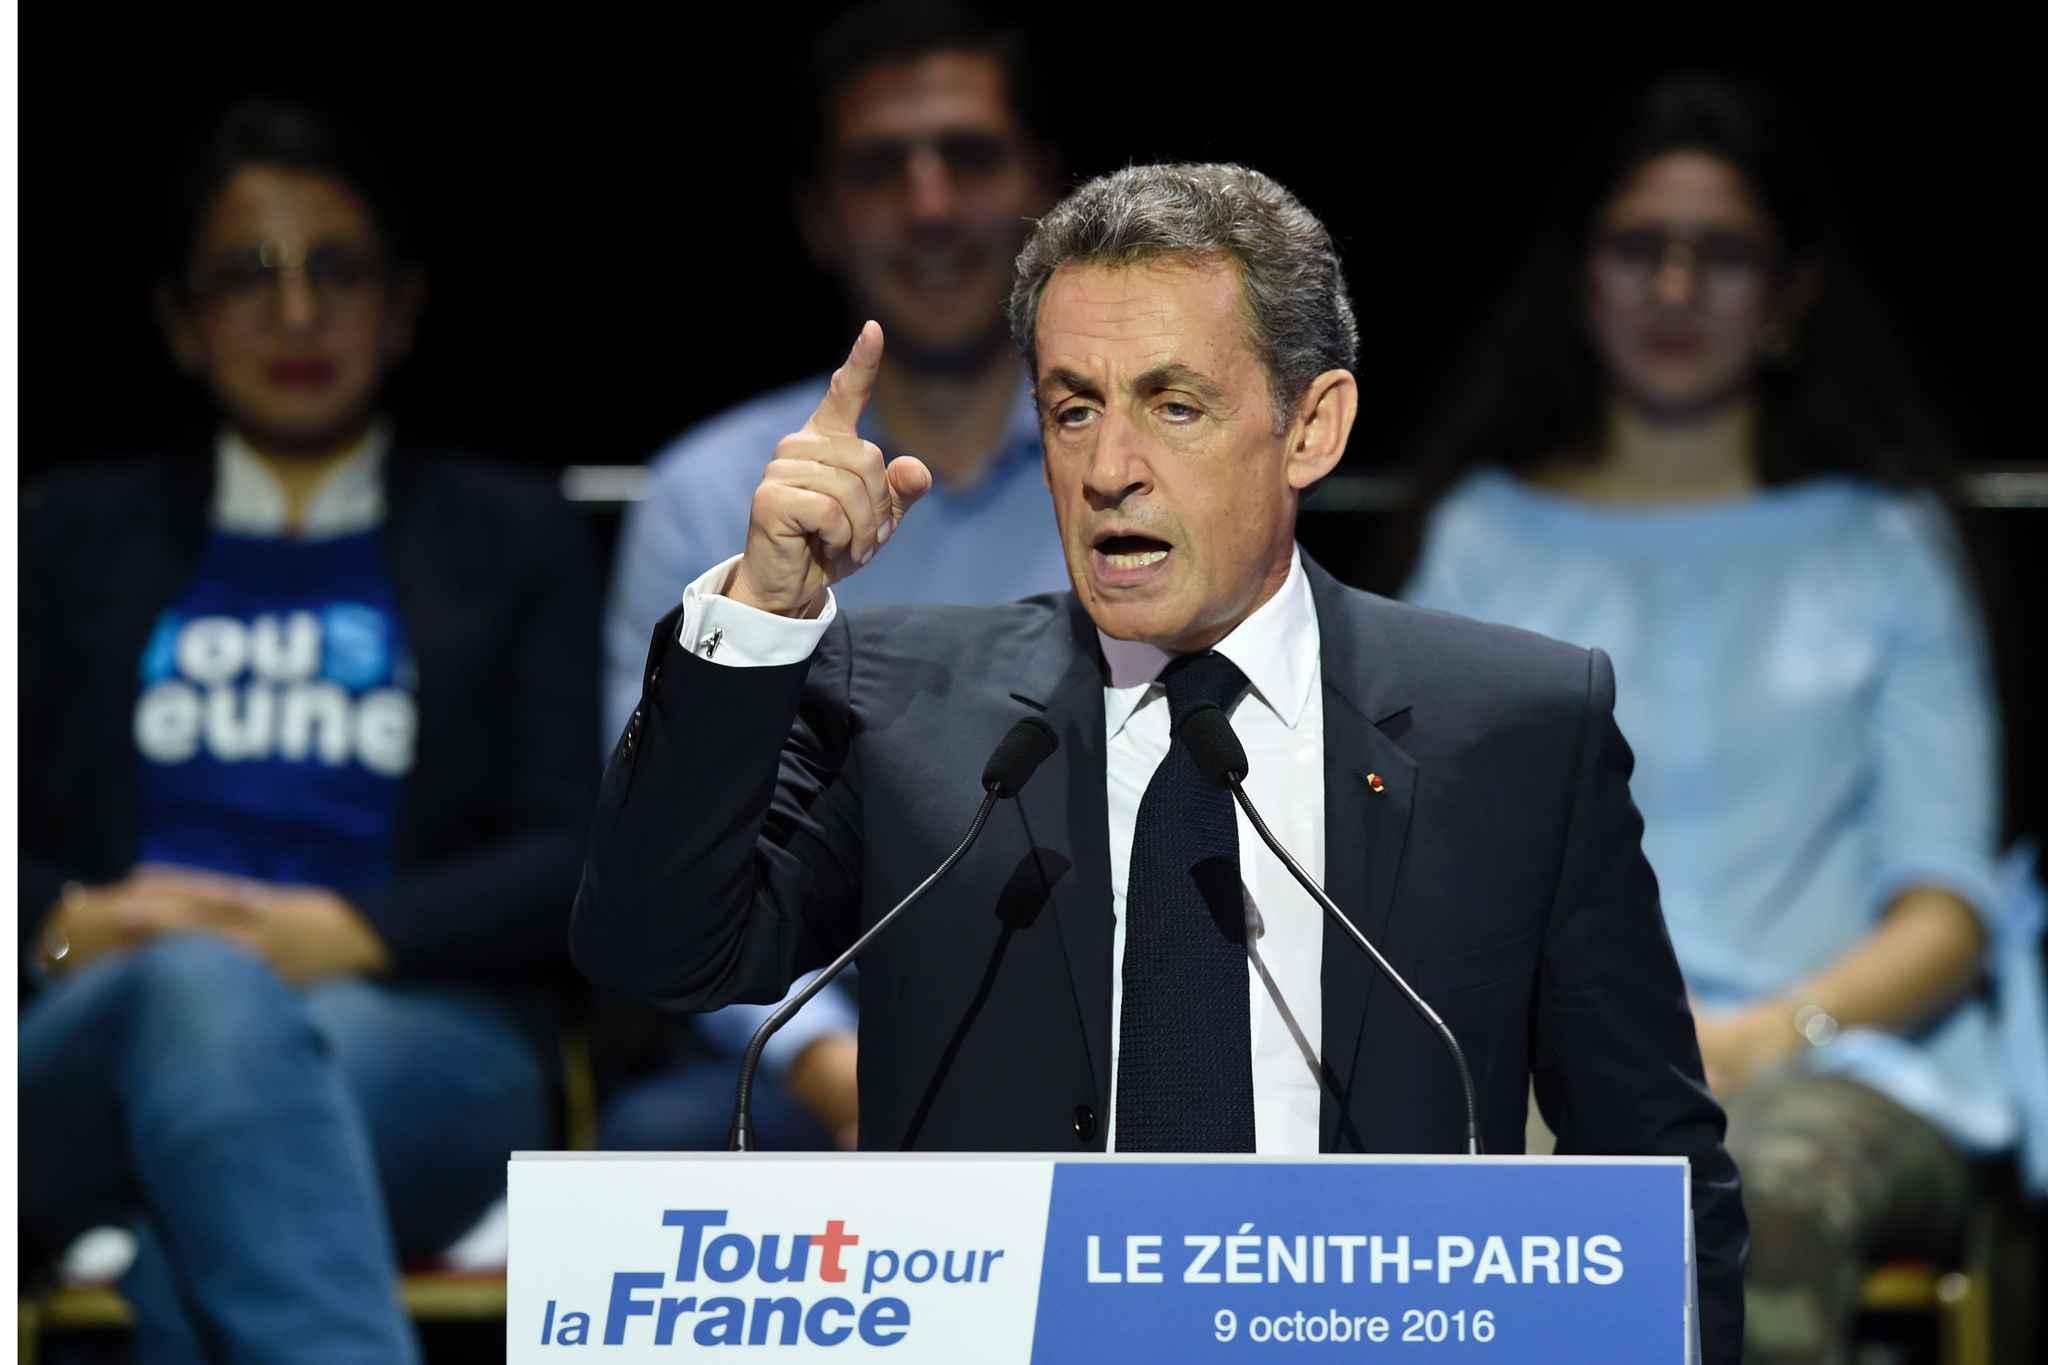 nicolas sarkozy a prononc un discours le 9 octobre 2016 au znith de paris en apras le discours de celle qui